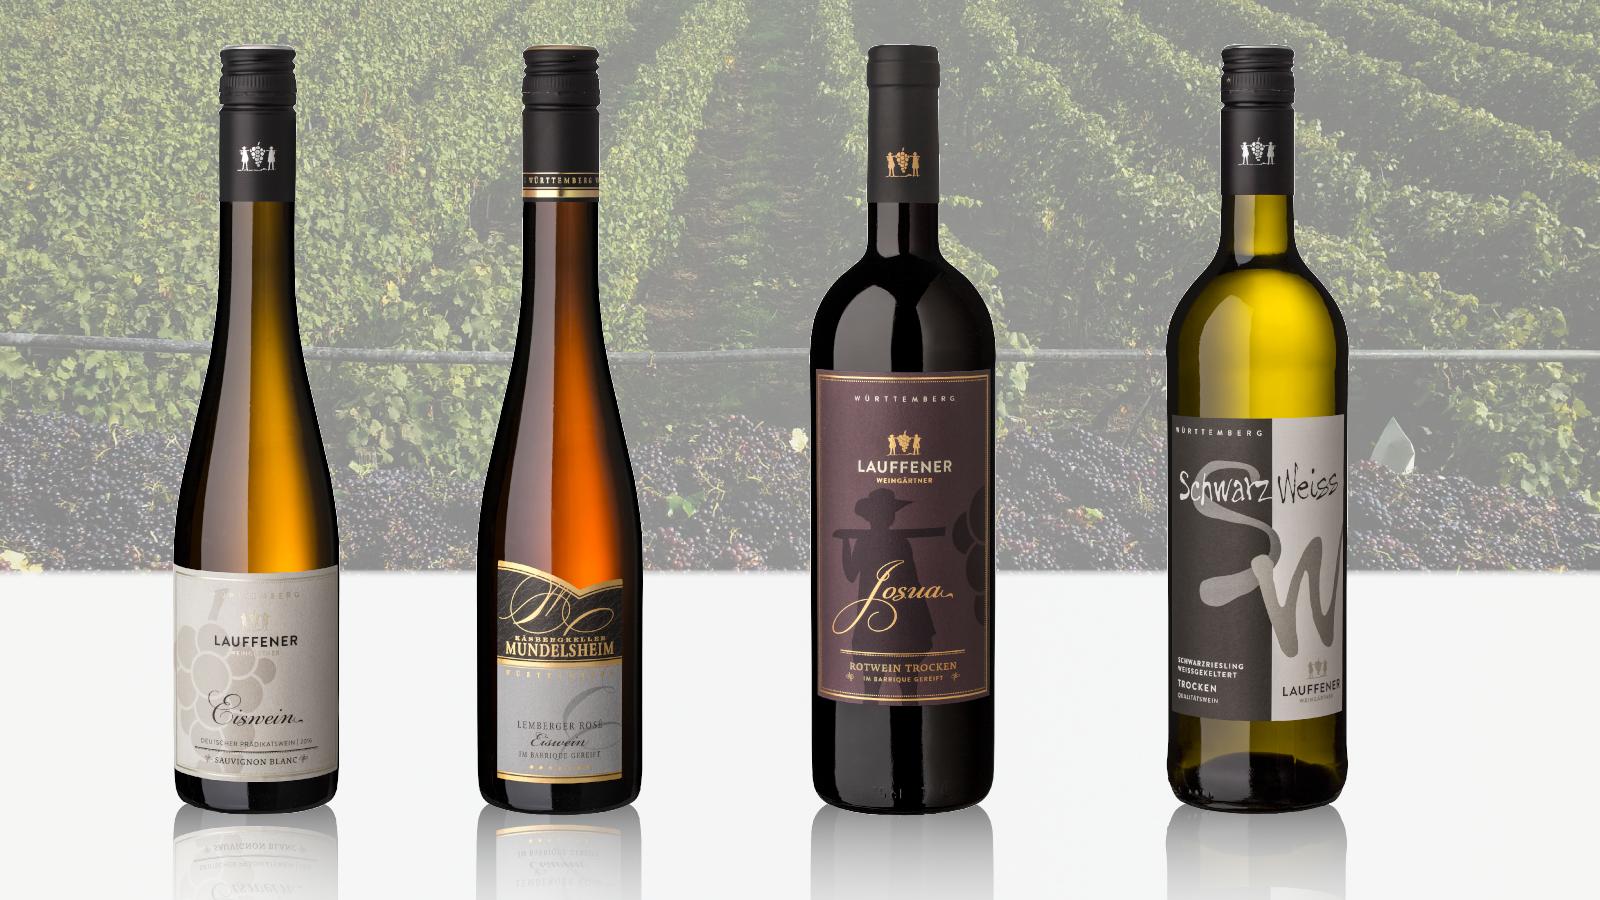 Bild von den vier Gold-Weinen der Lauffener Weingärtner